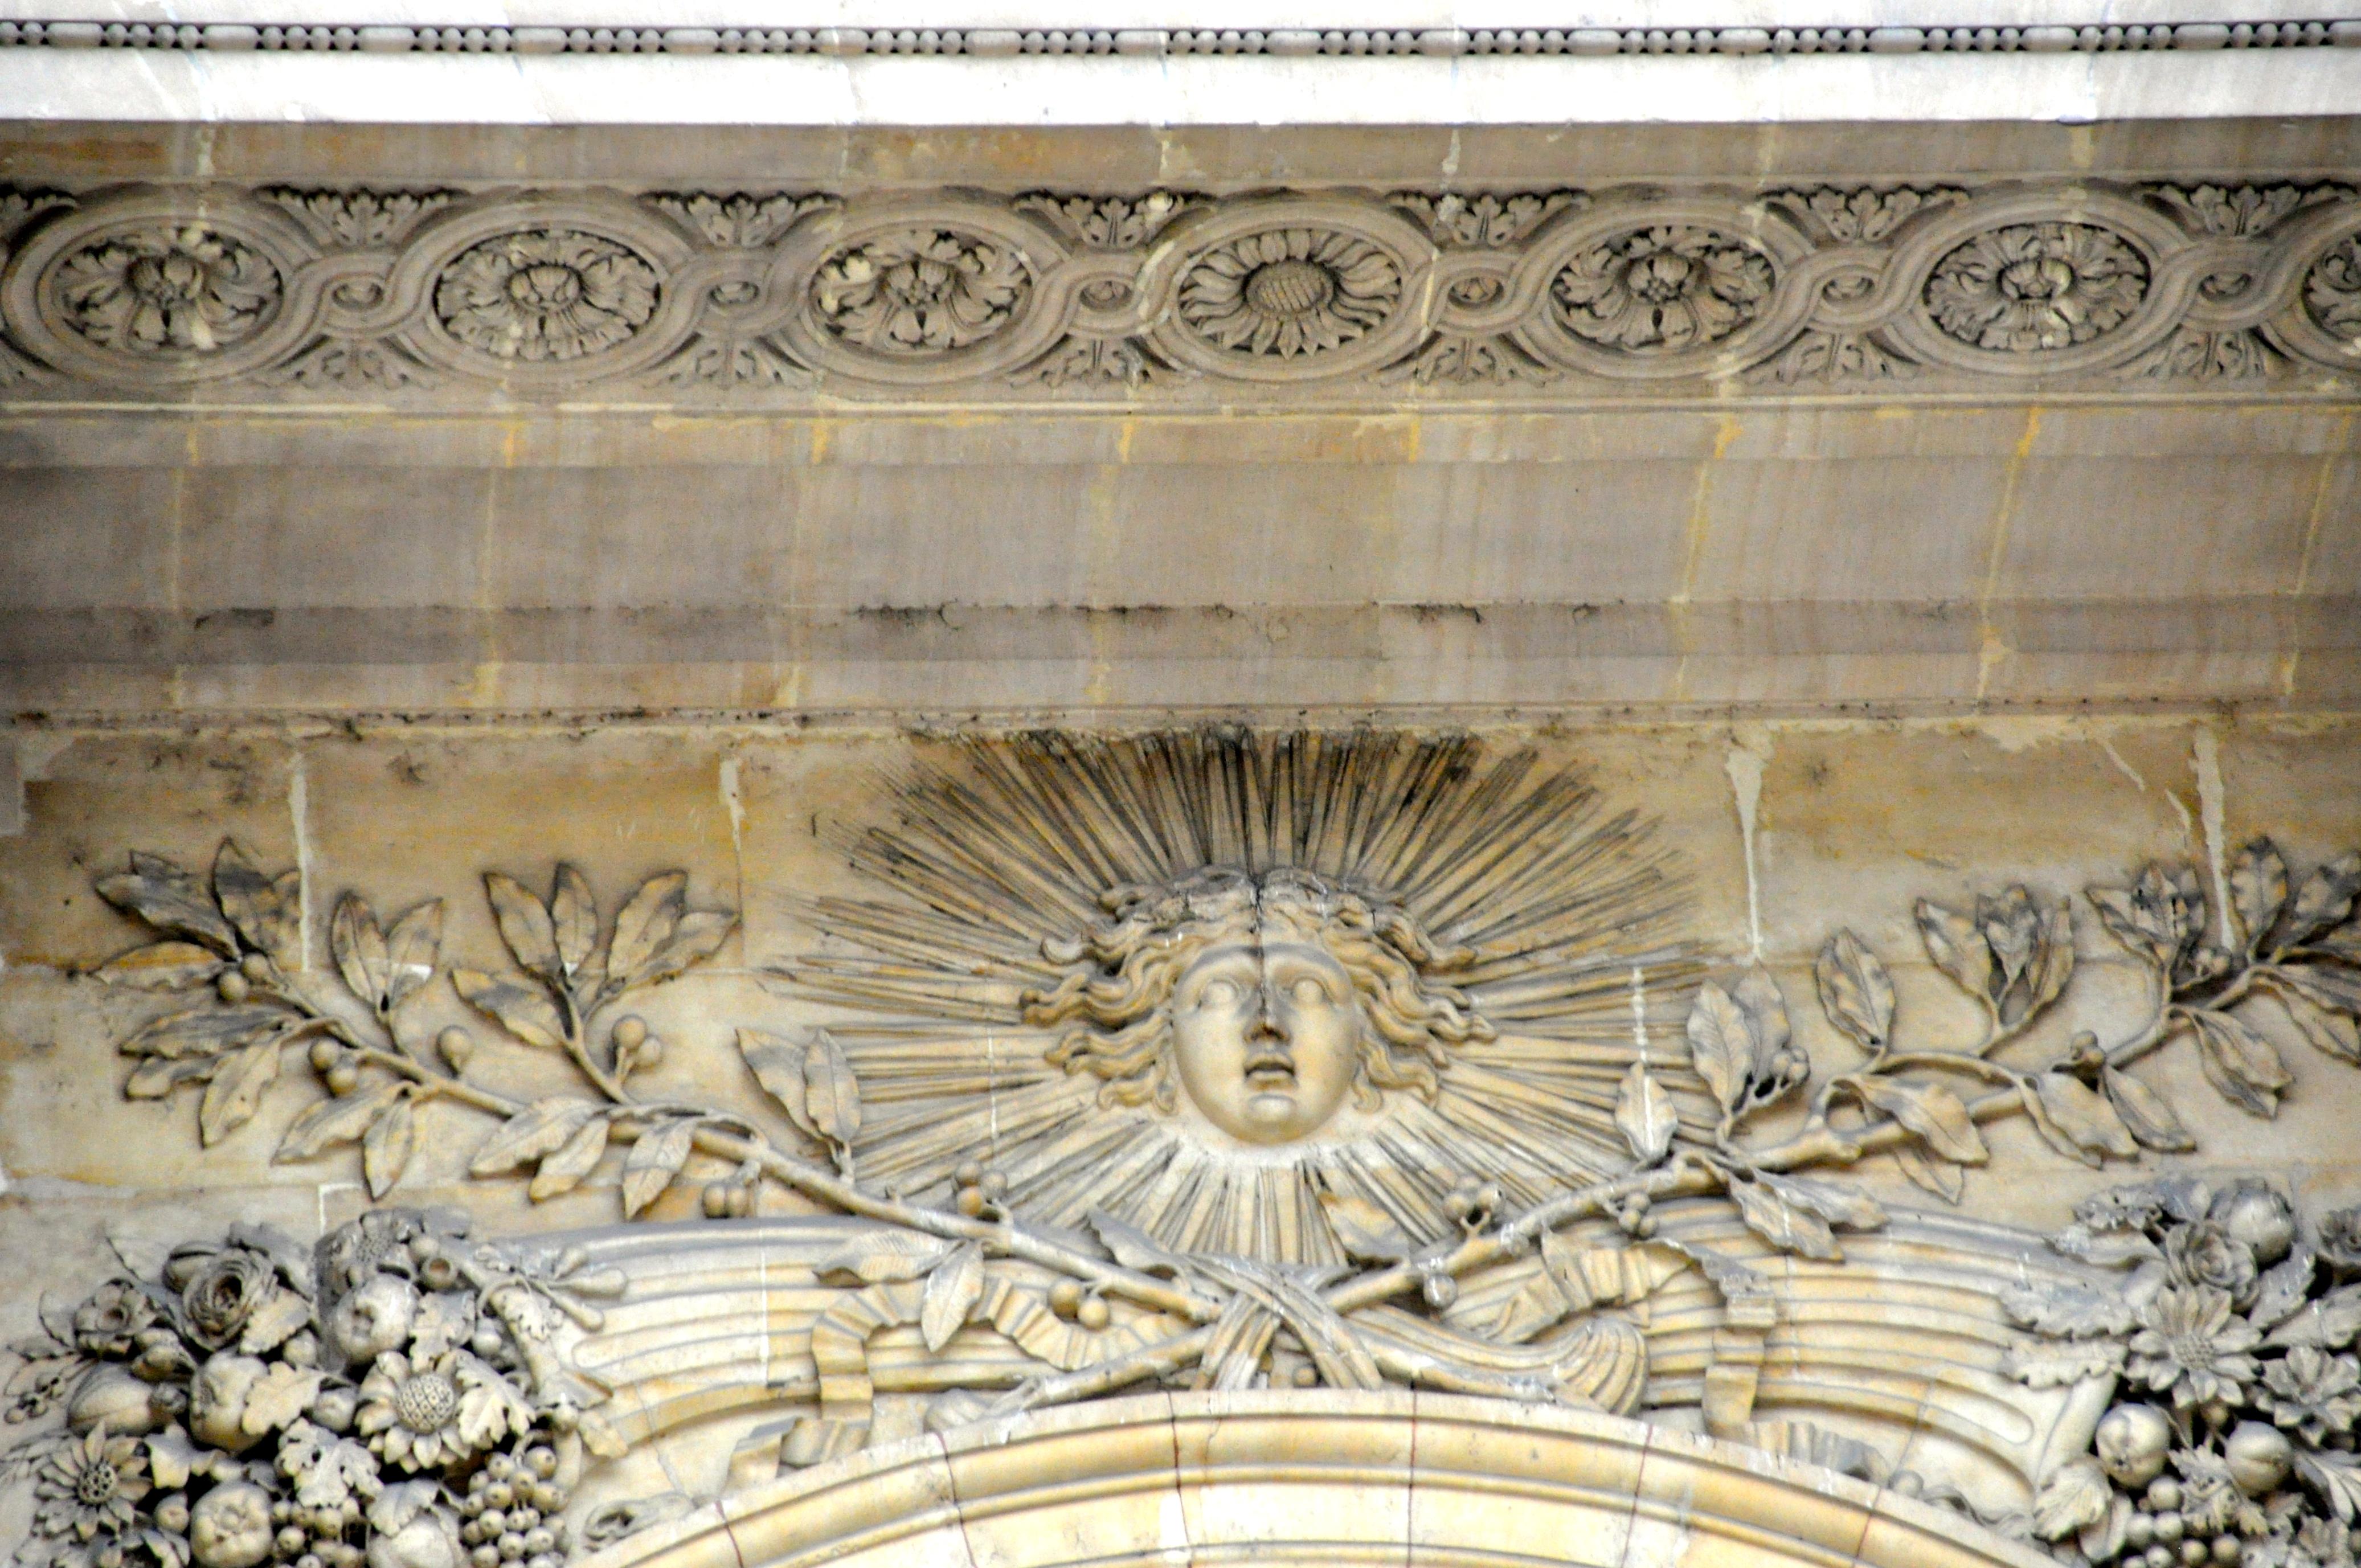 Le Roi soleil, façade orientale du Louvre